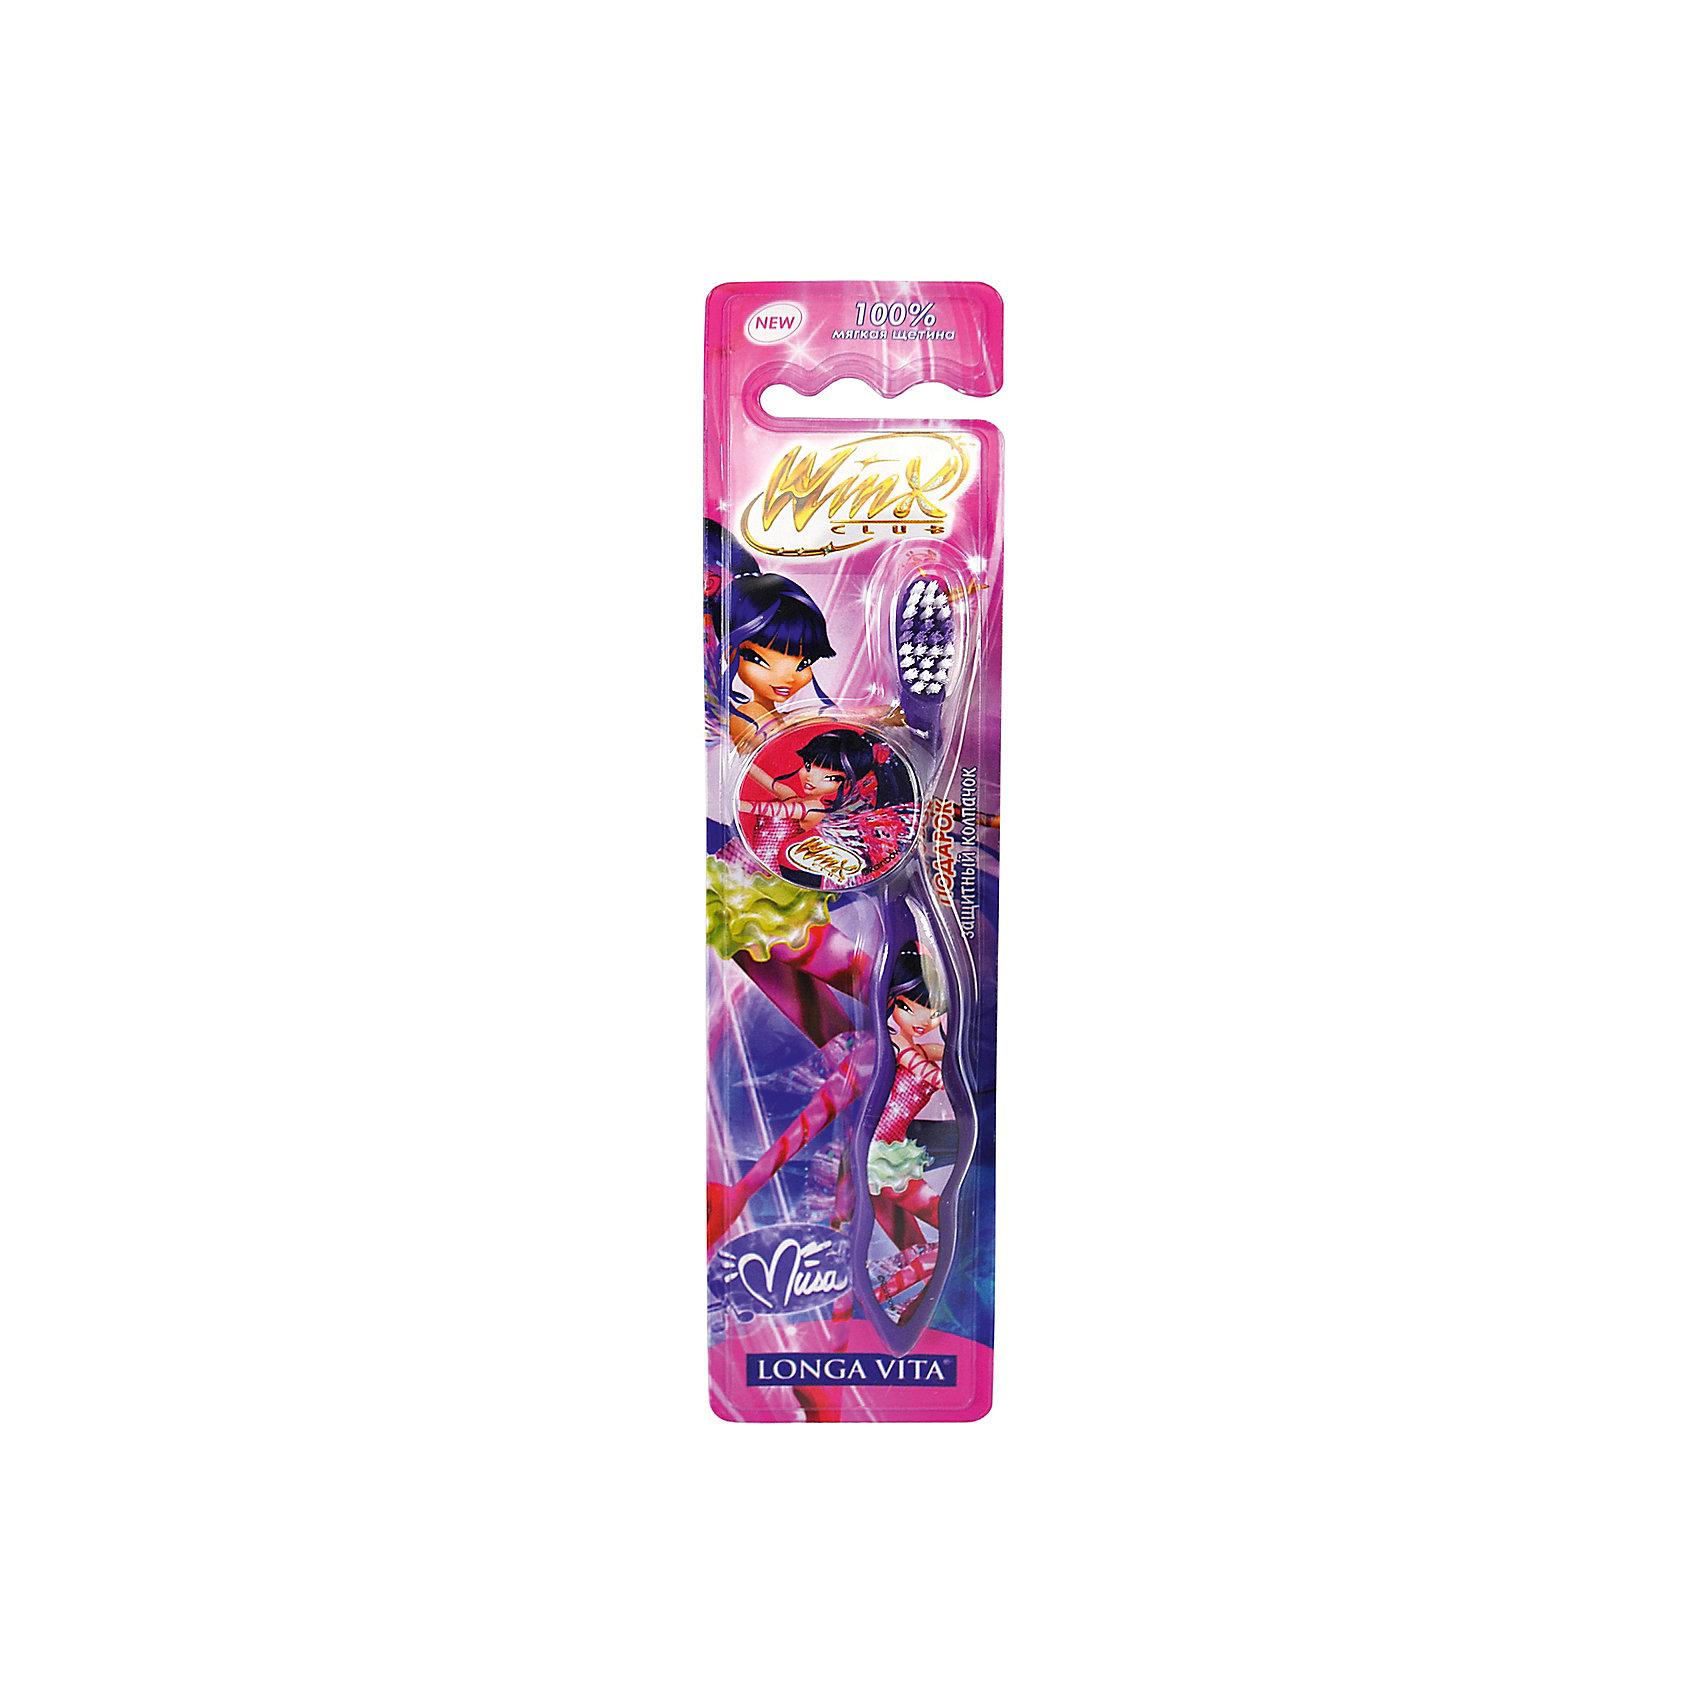 LONGA VITA Детская зубная щетка Winx с защитным колпачком , арт. WX-1 , LONGA VITA, фиолетовый longa vita longa vita зубная щетка winx с мигающим таймером от 3 х лет голубая